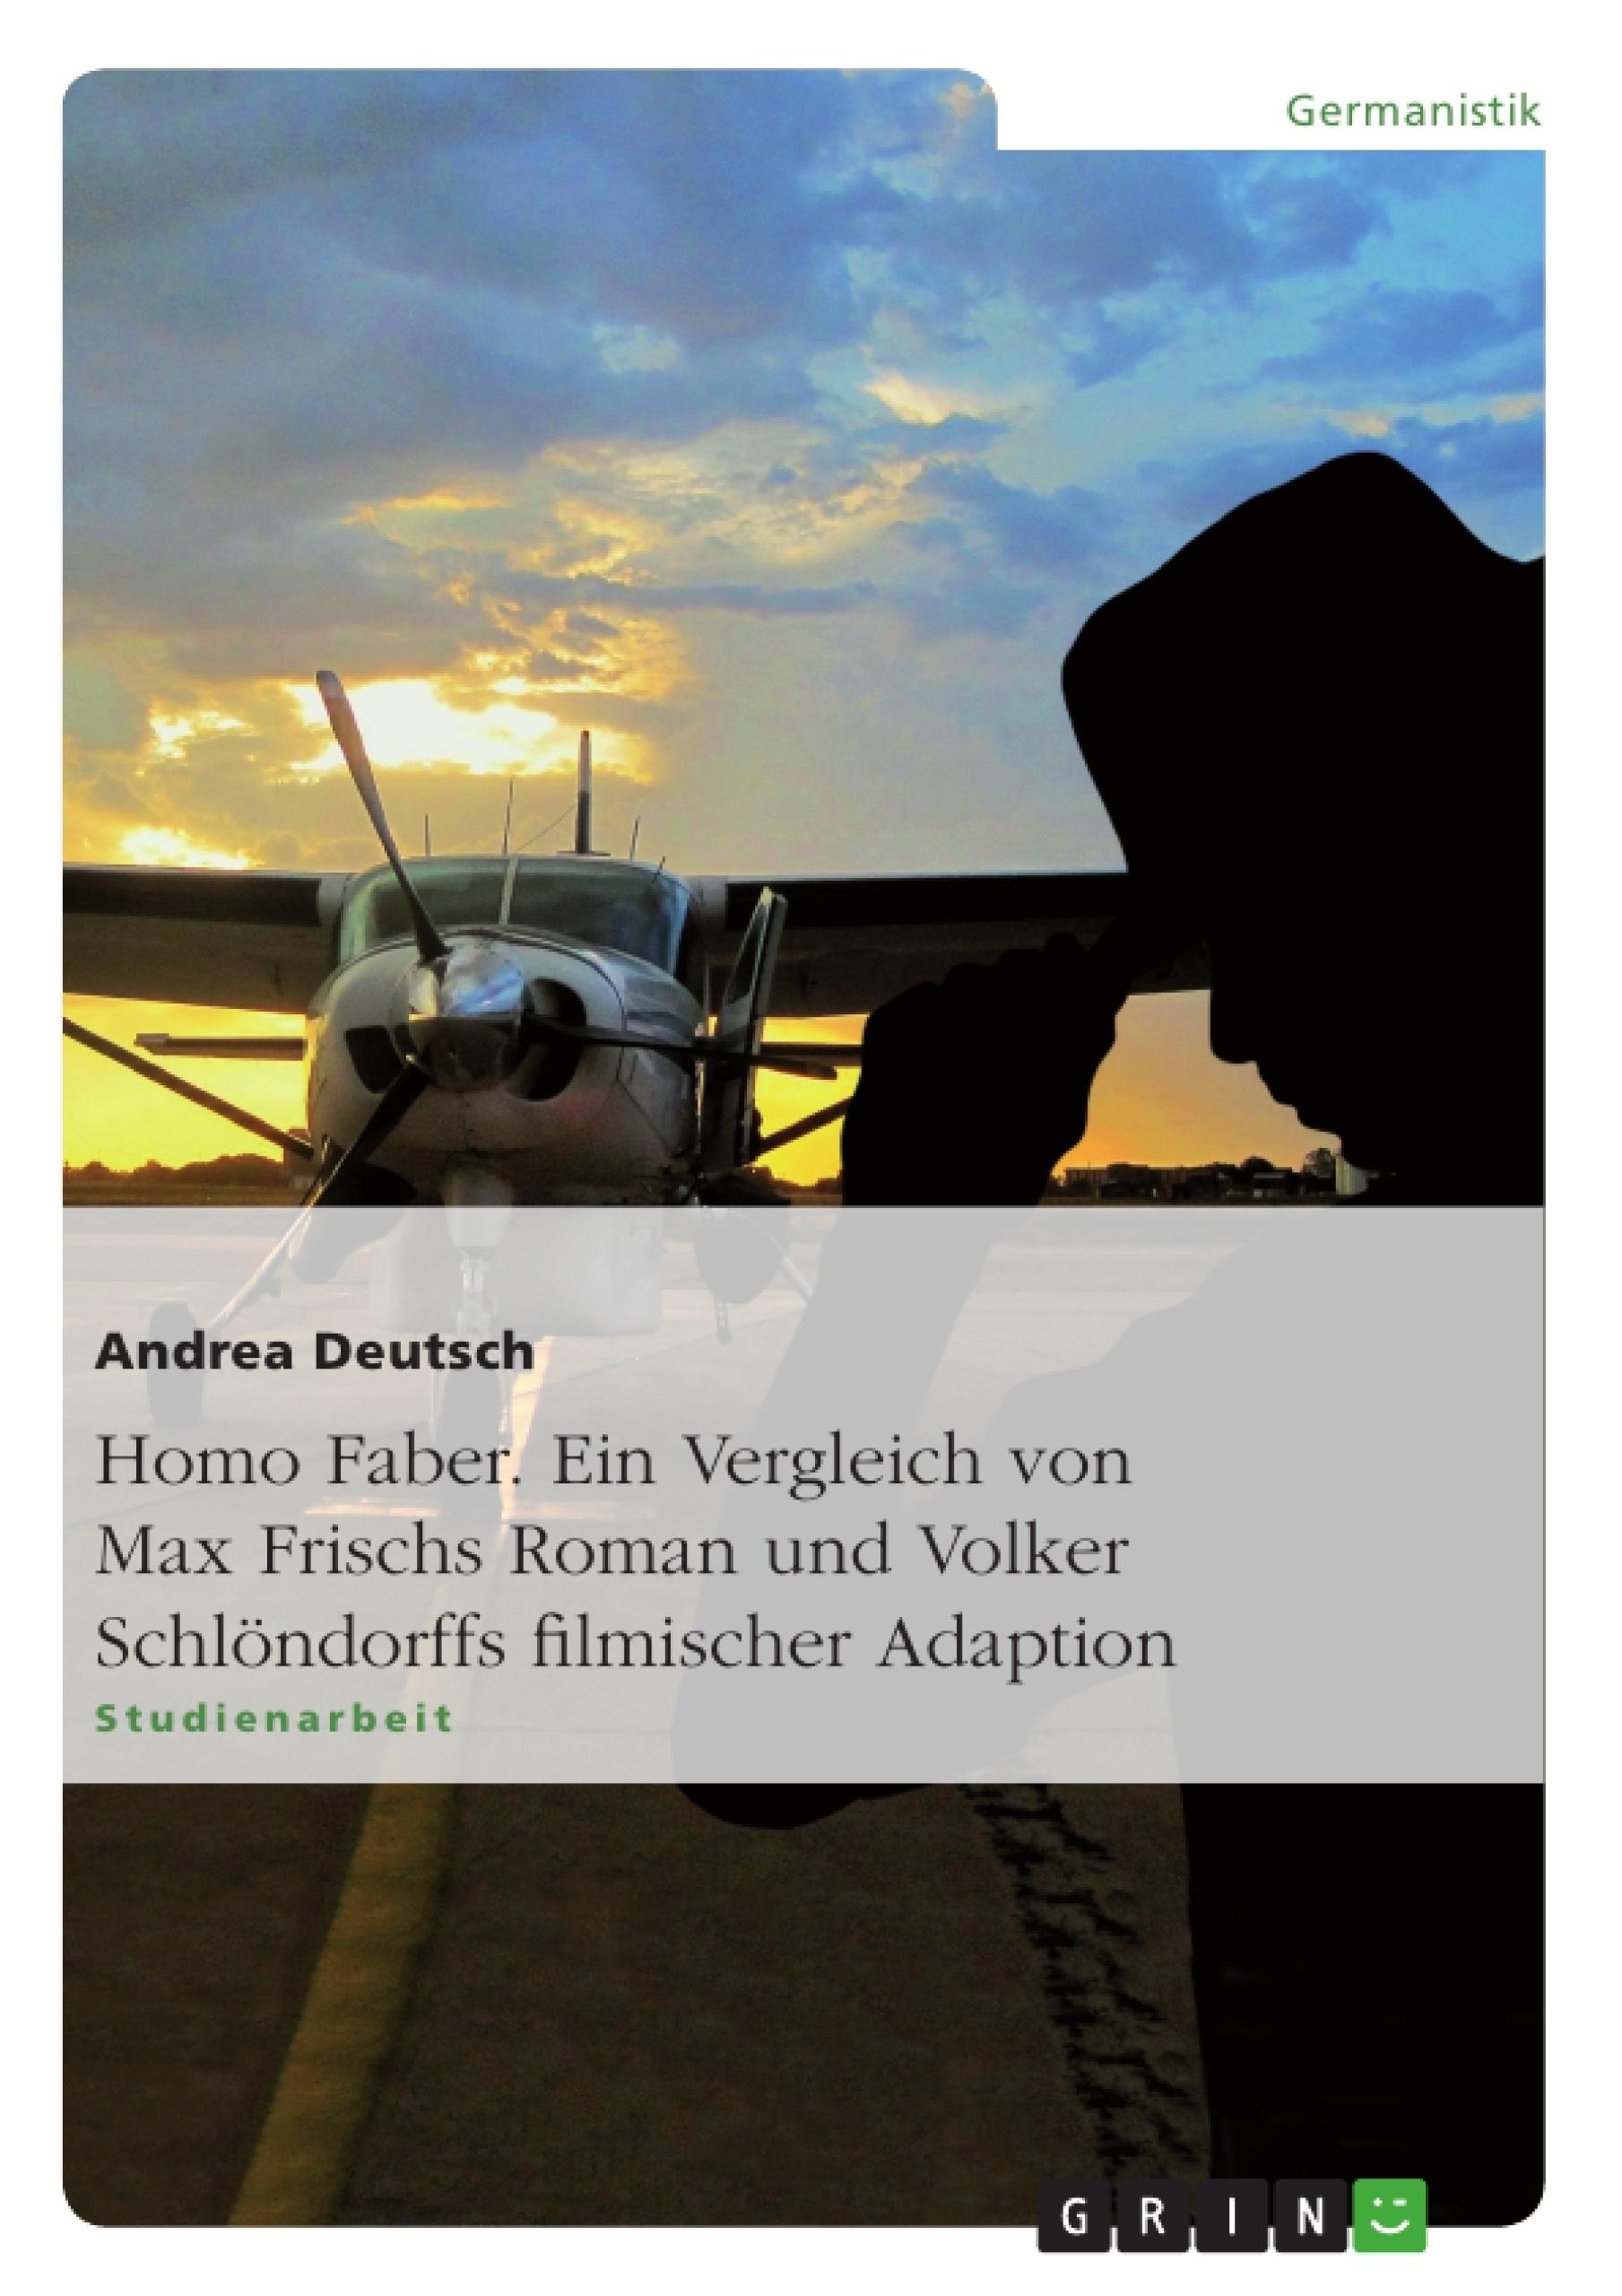 Titel: Homo Faber. Ein Vergleich von Max Frischs Roman und Volker Schlöndorffs filmischer Adaption